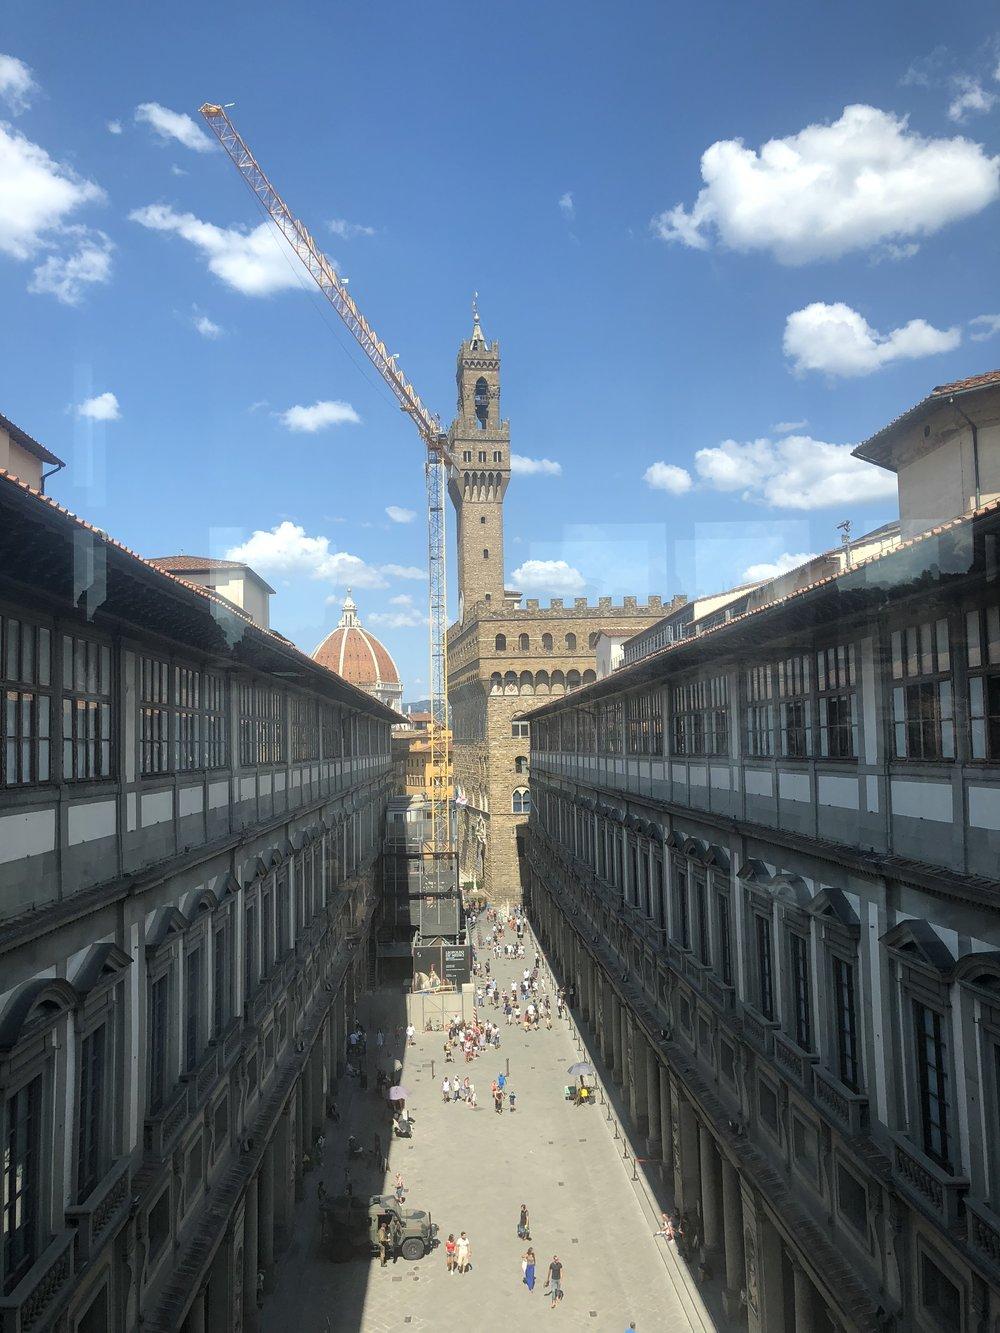 View from Uffizi Gallery towards Piazza della Signoria.